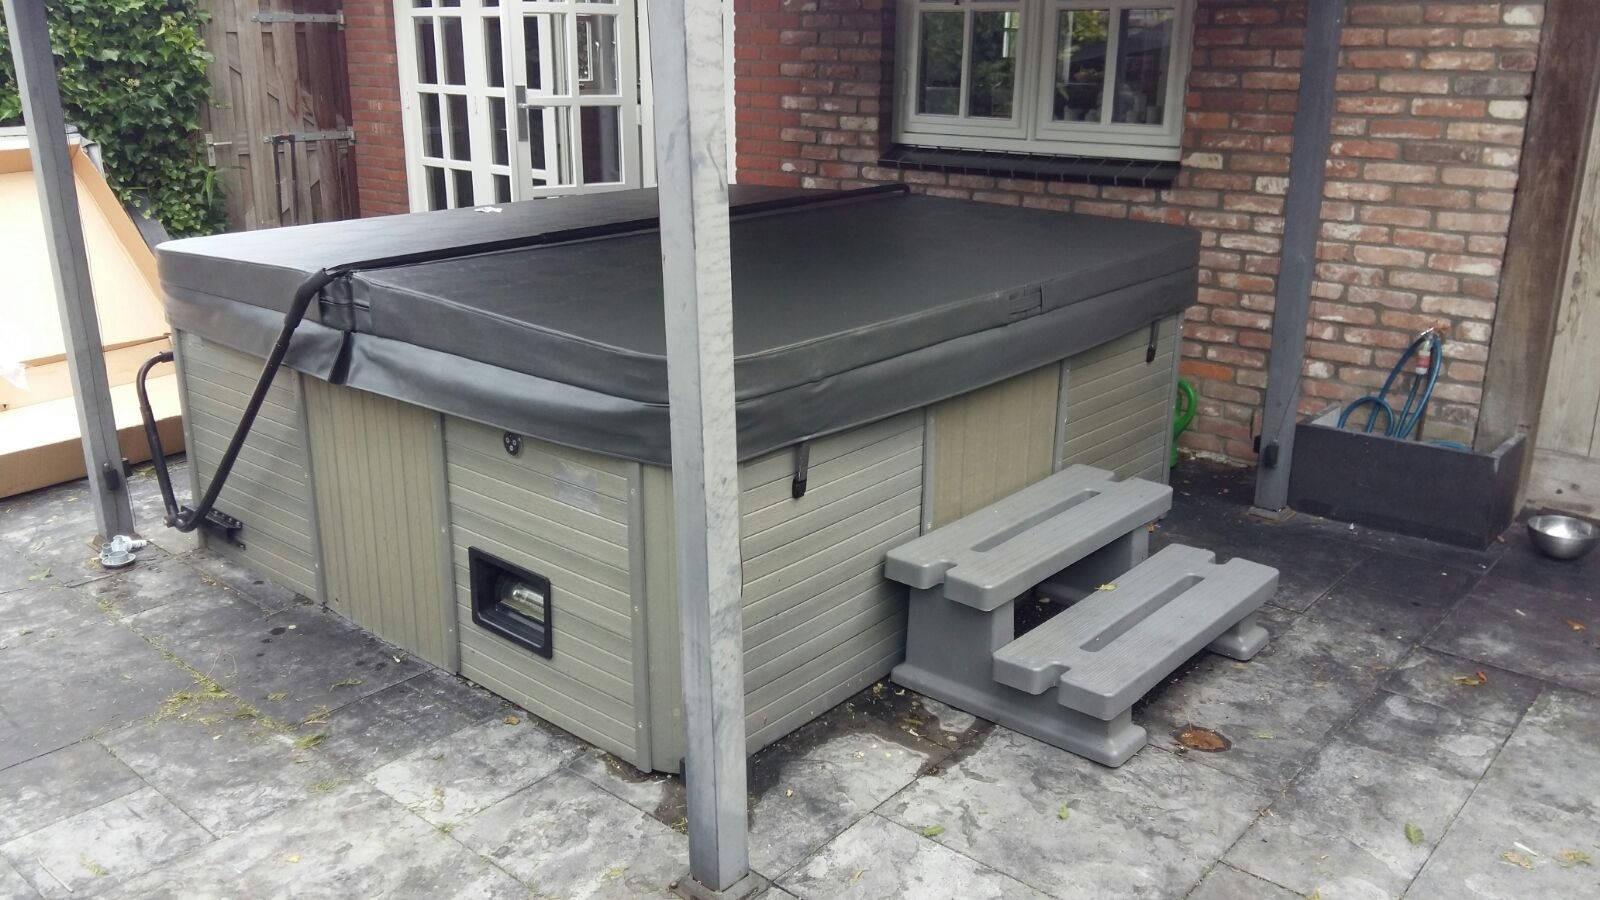 Vervanging nieuwe spa cover op een Sunspa spa in Boskoop